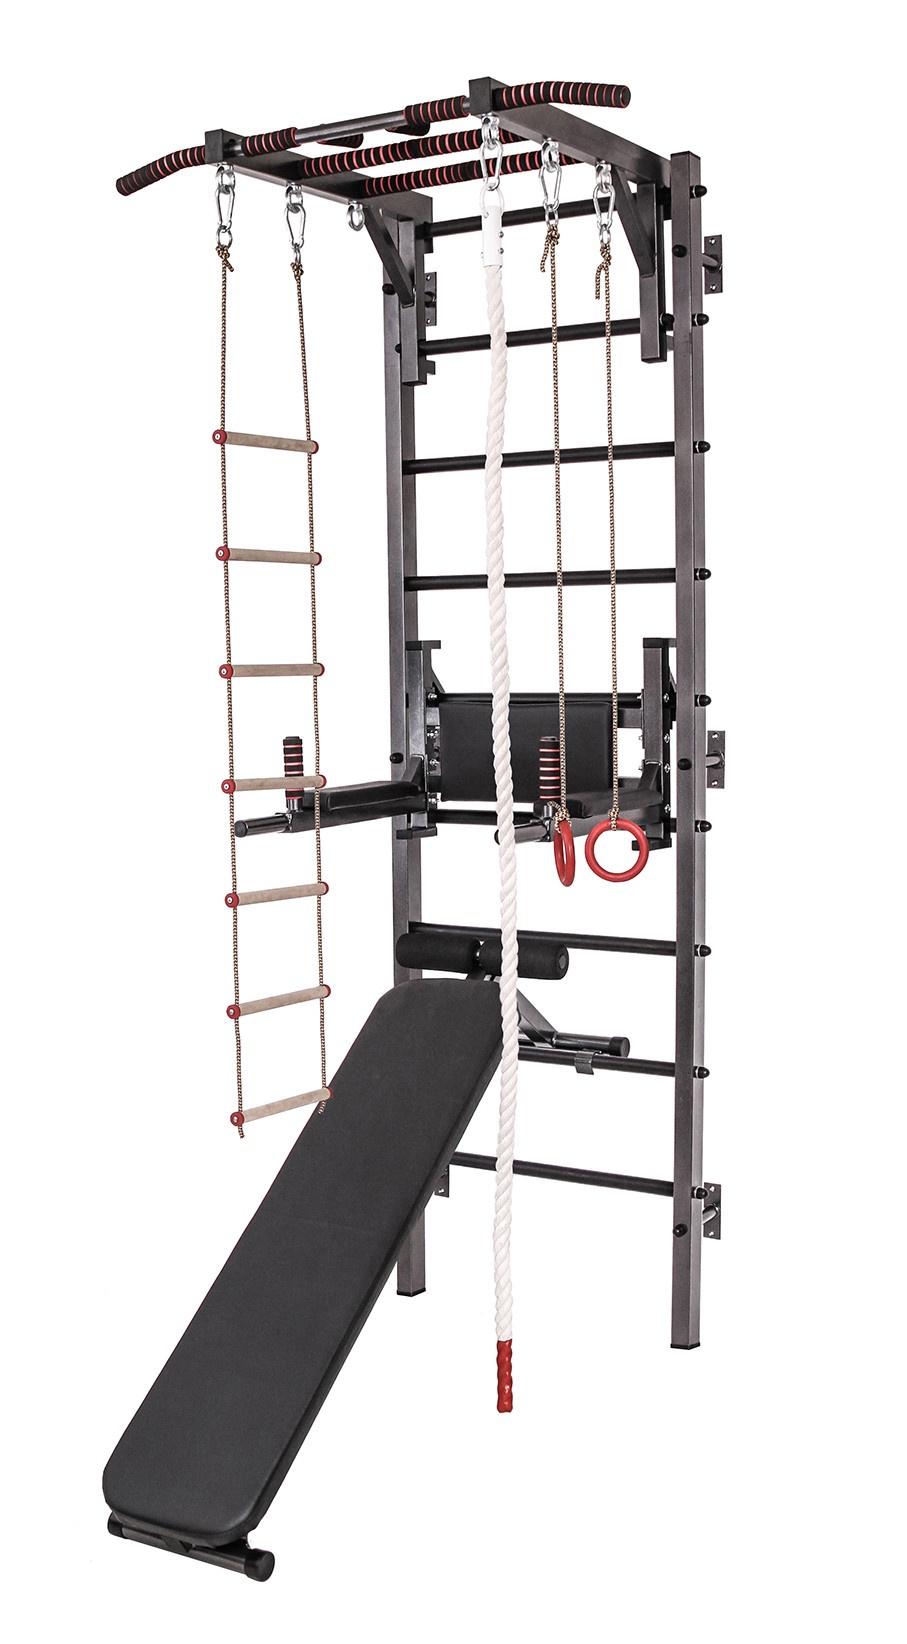 Спортивный комплекс AstaSport 3236 лестница для тренировок torres 4 м перекладины 9 шт из пластика регулируемое расстояние между перекладинами